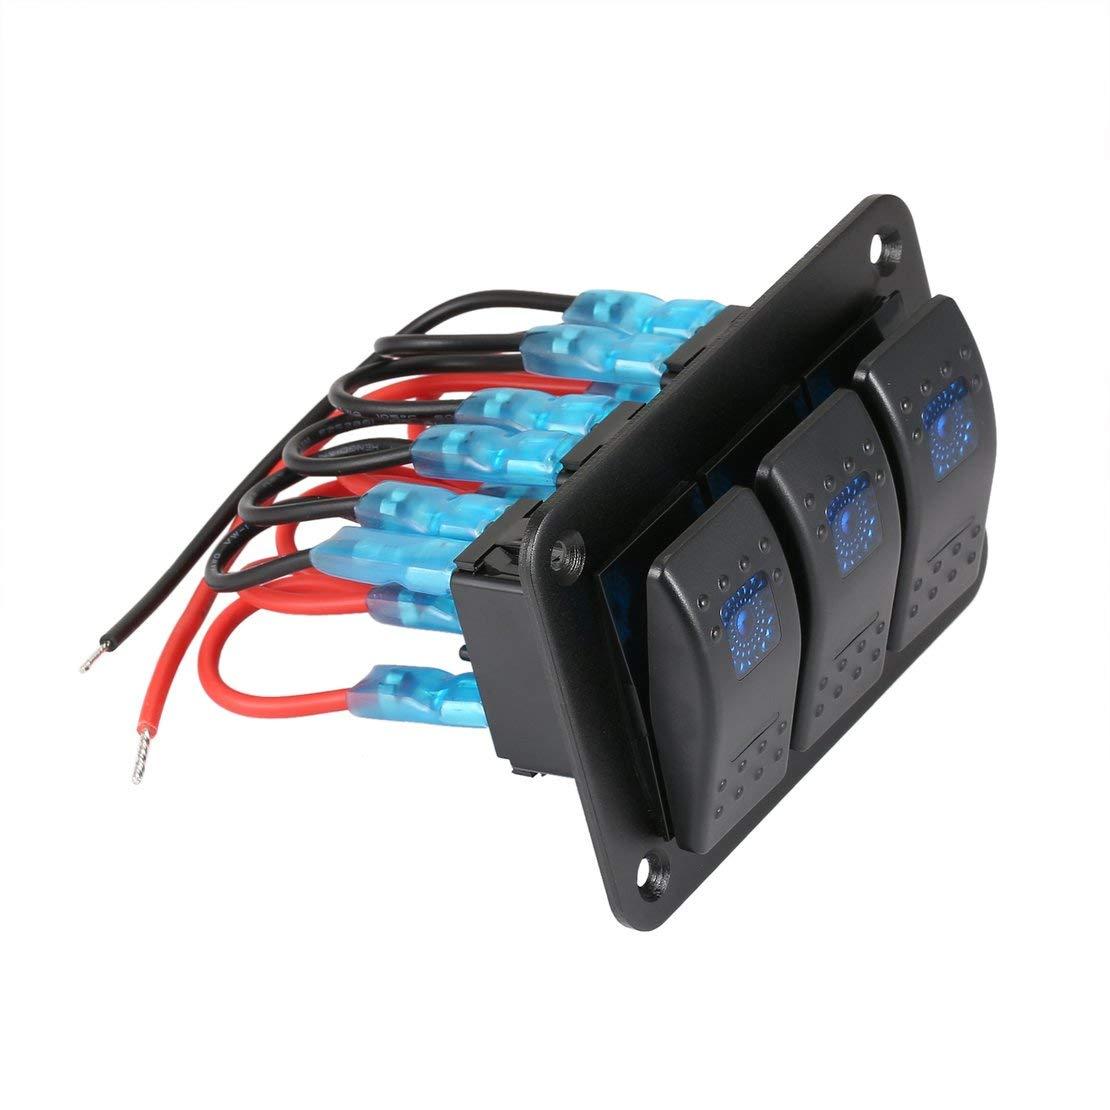 Nero e rosso e blu 3 Gang Car Marine Boat Caravan LED Pannello interruttori Interruttore a bilanciere professionale Interruttore a bilanciere Interruttore circuito impermeabile